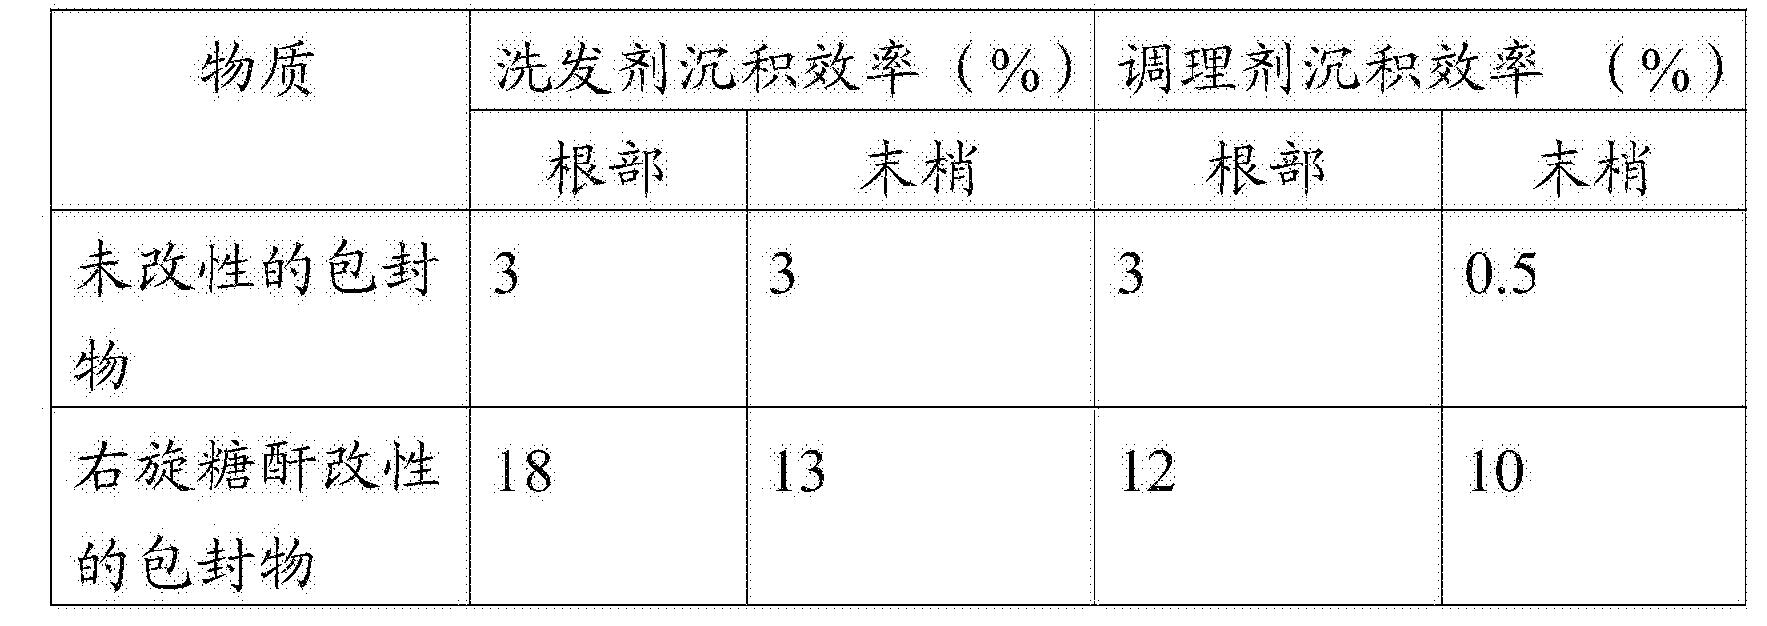 Figure CN103781460BD00301